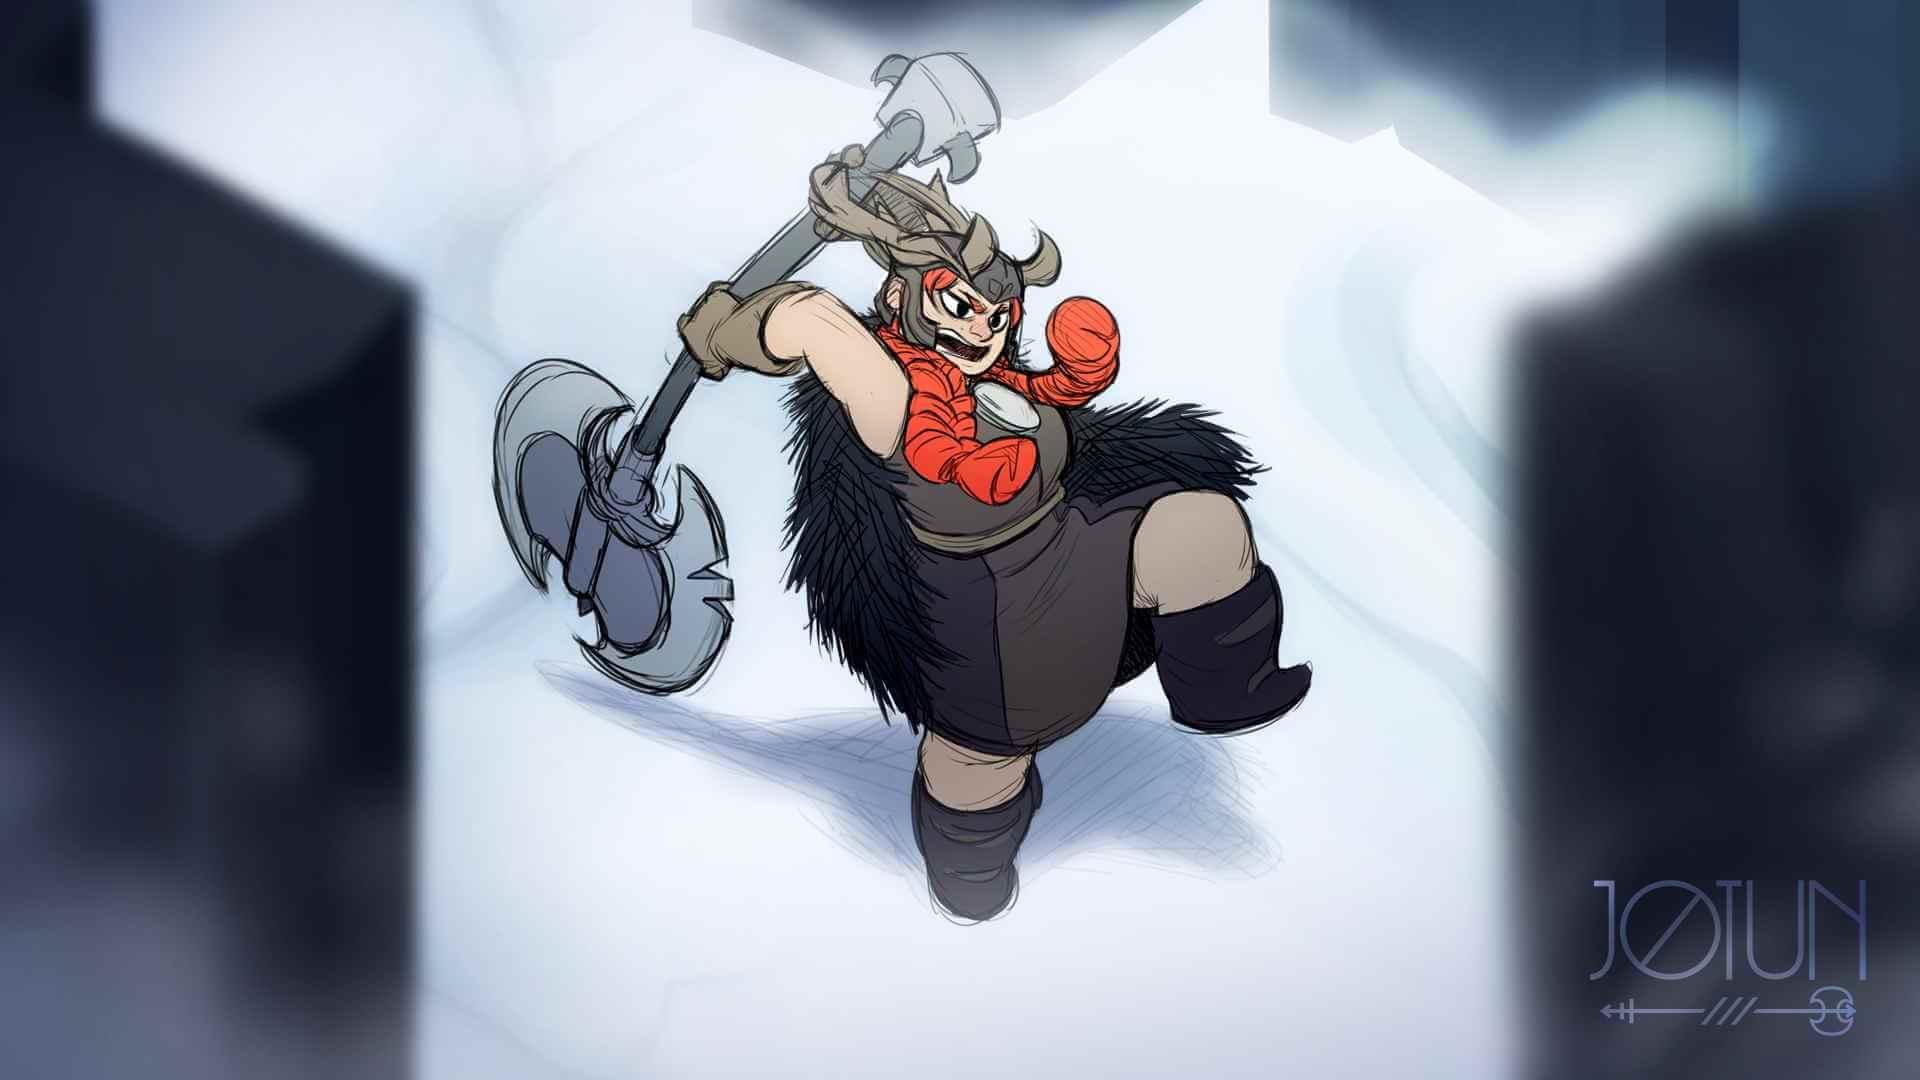 Jotun (Bildrechte Thunder Lutos Games)